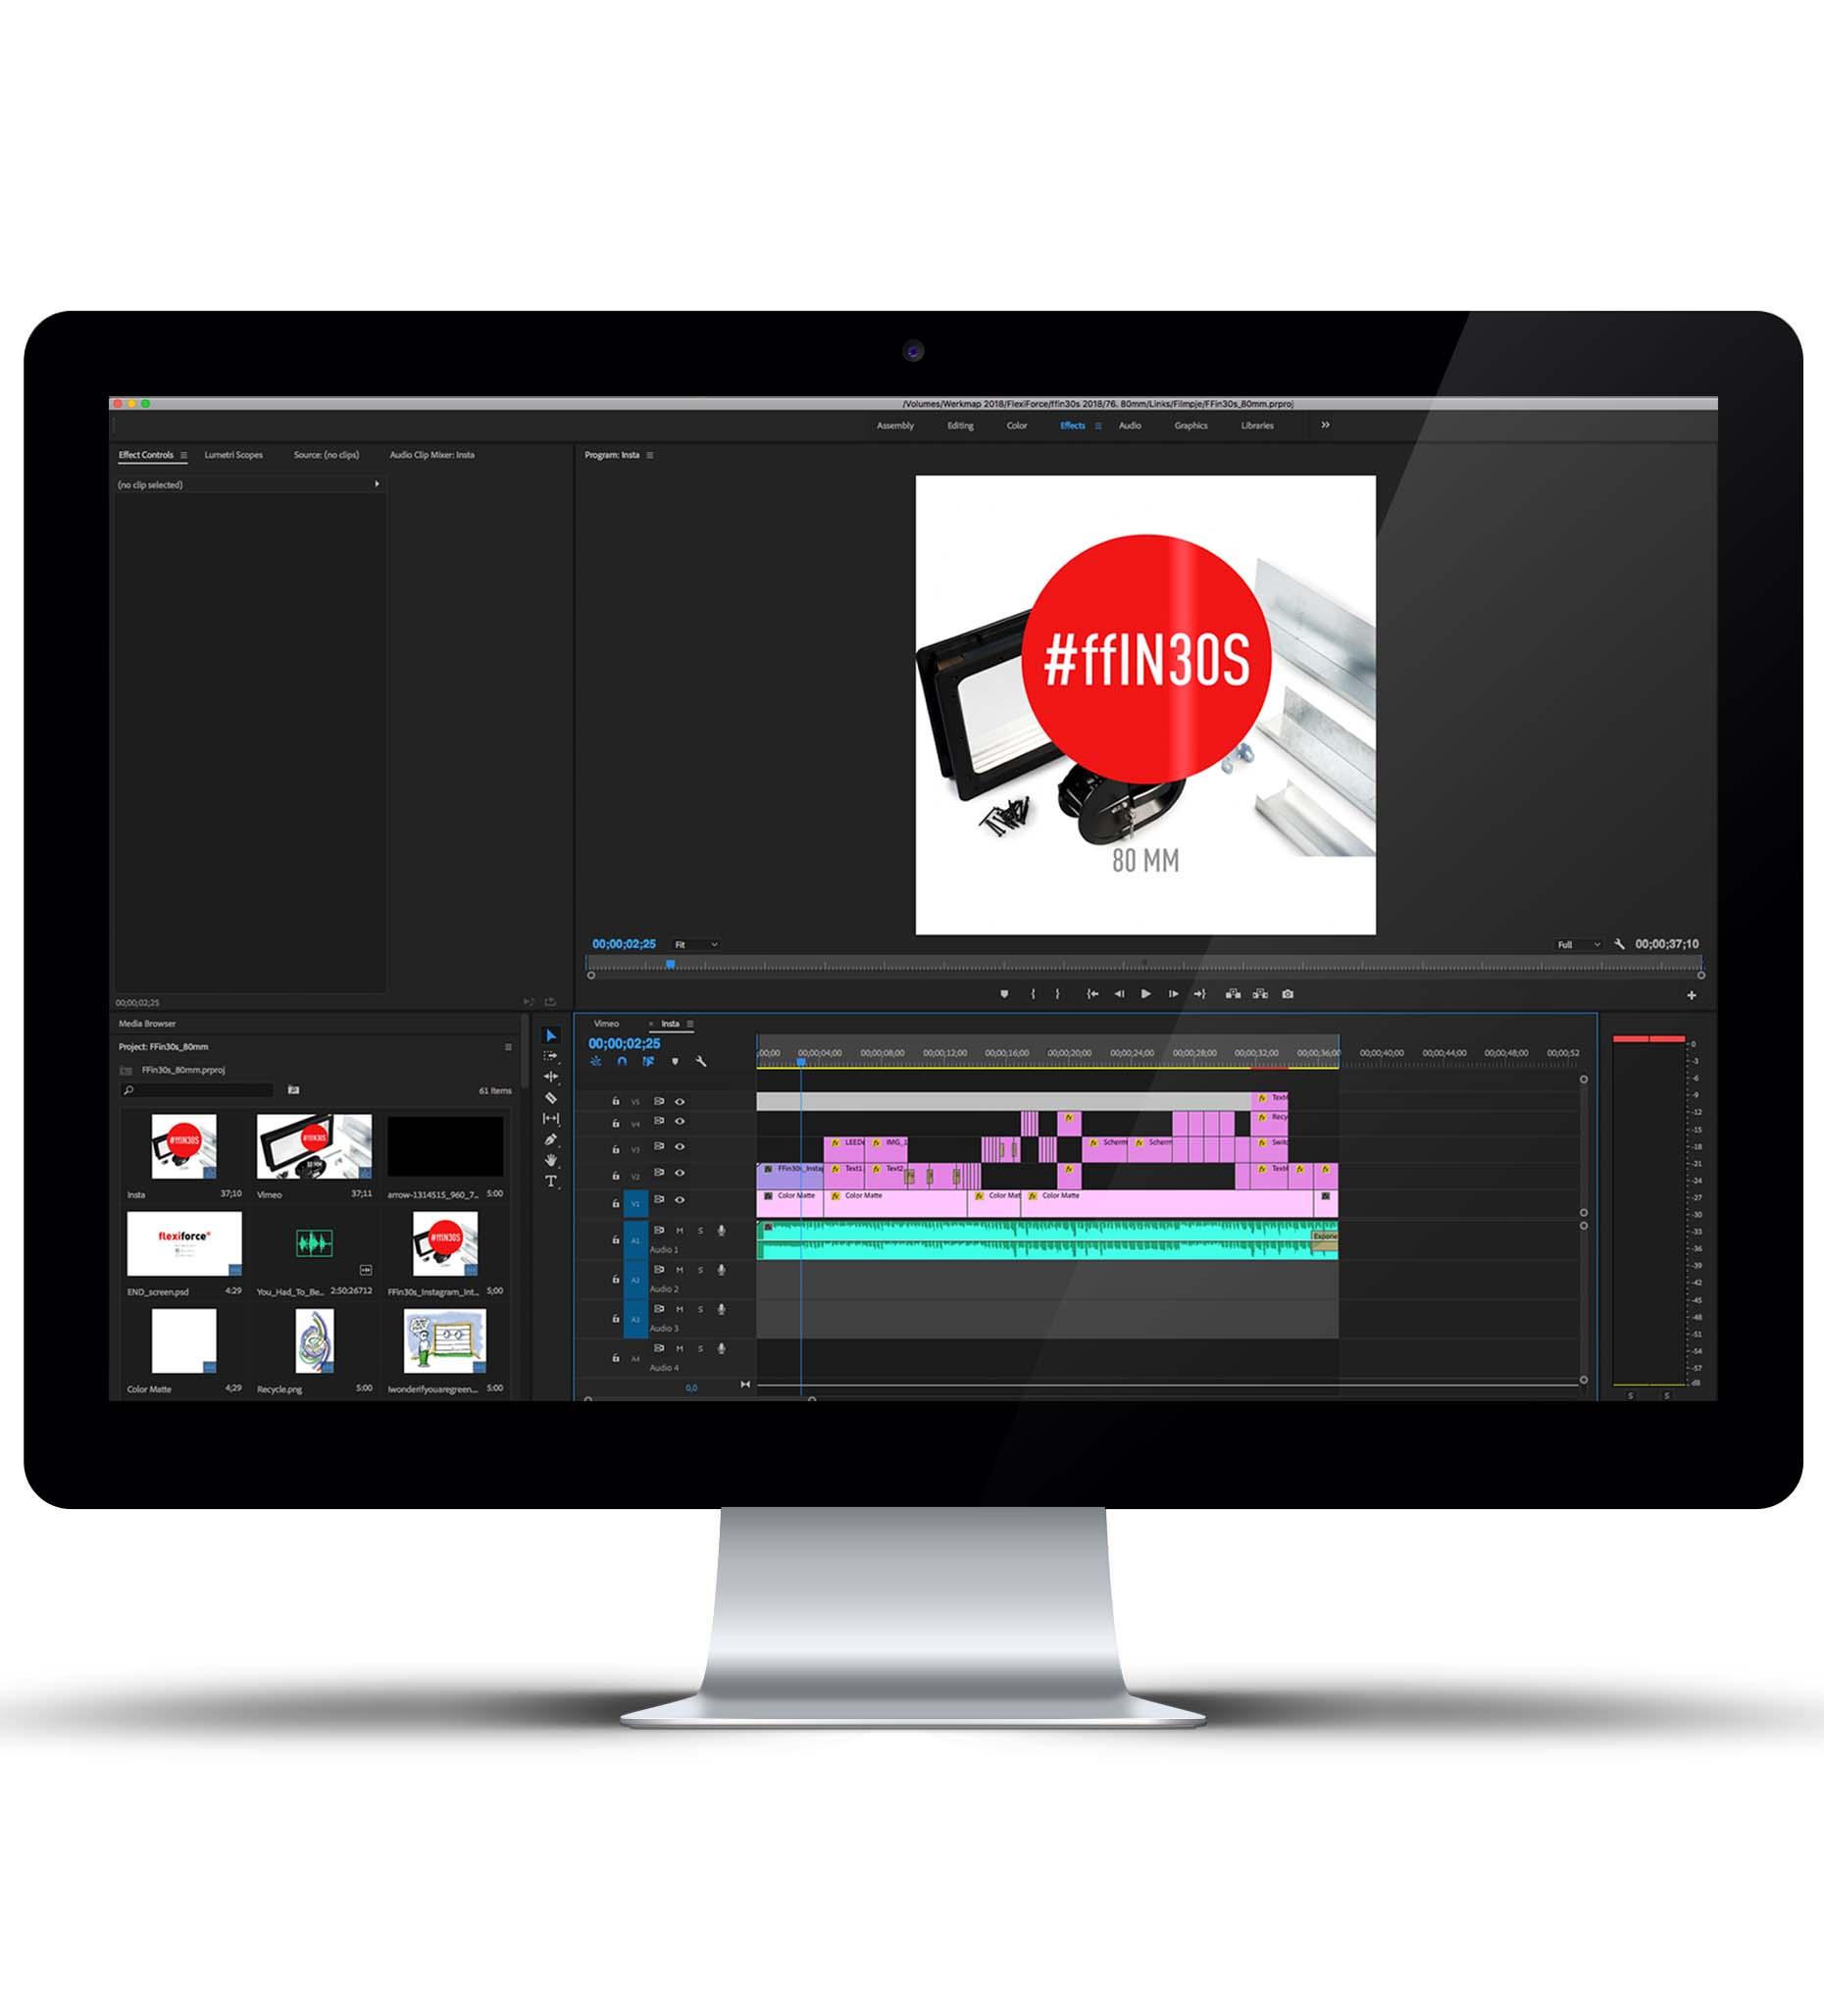 Anja design - Flexiforce